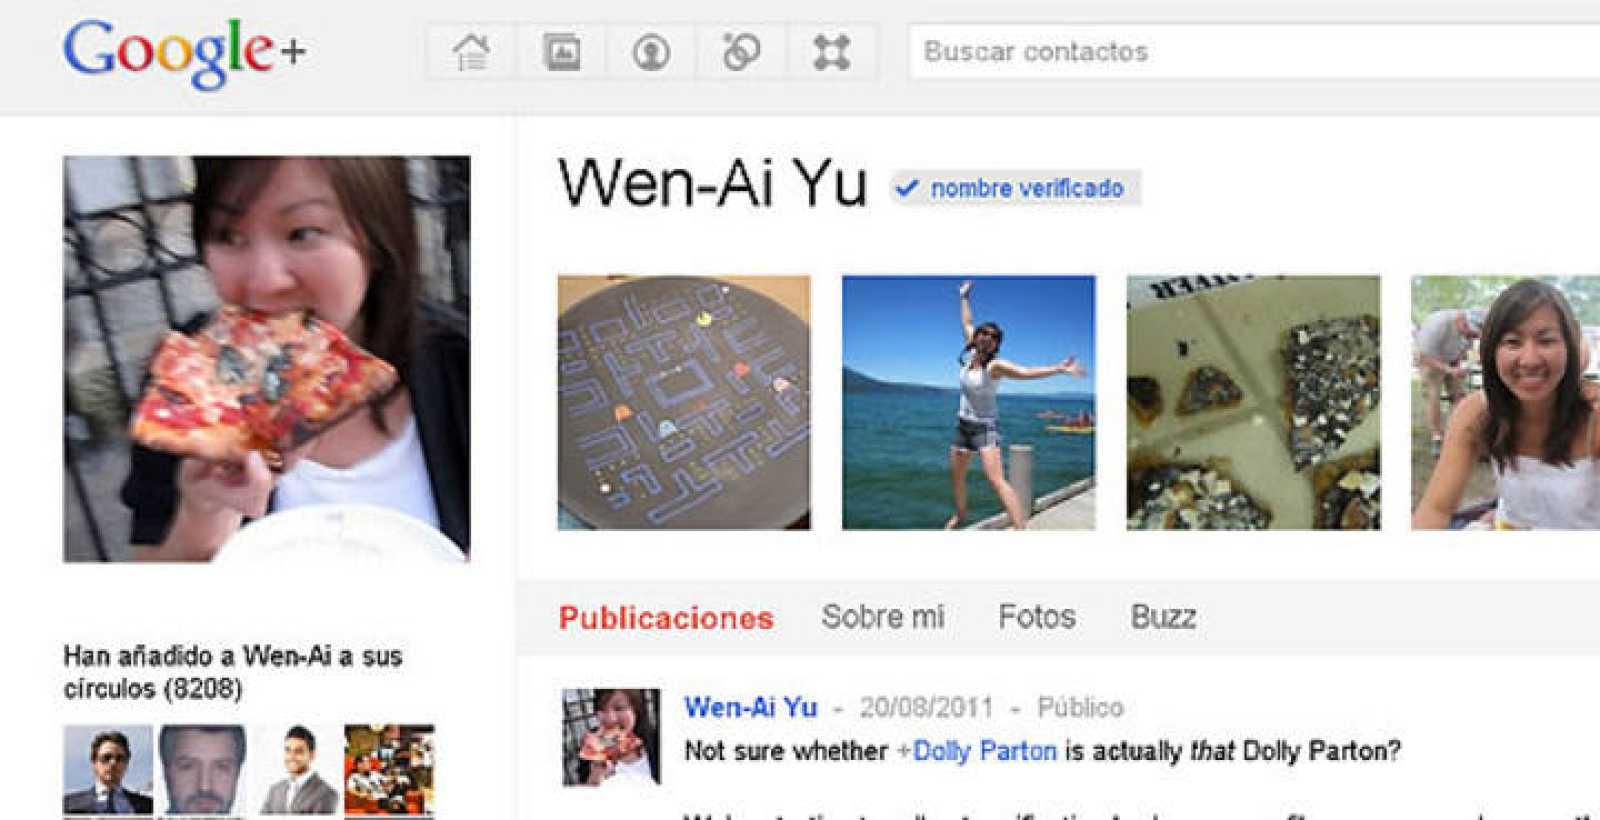 Google+ verifica la identidad de los personajes famosos